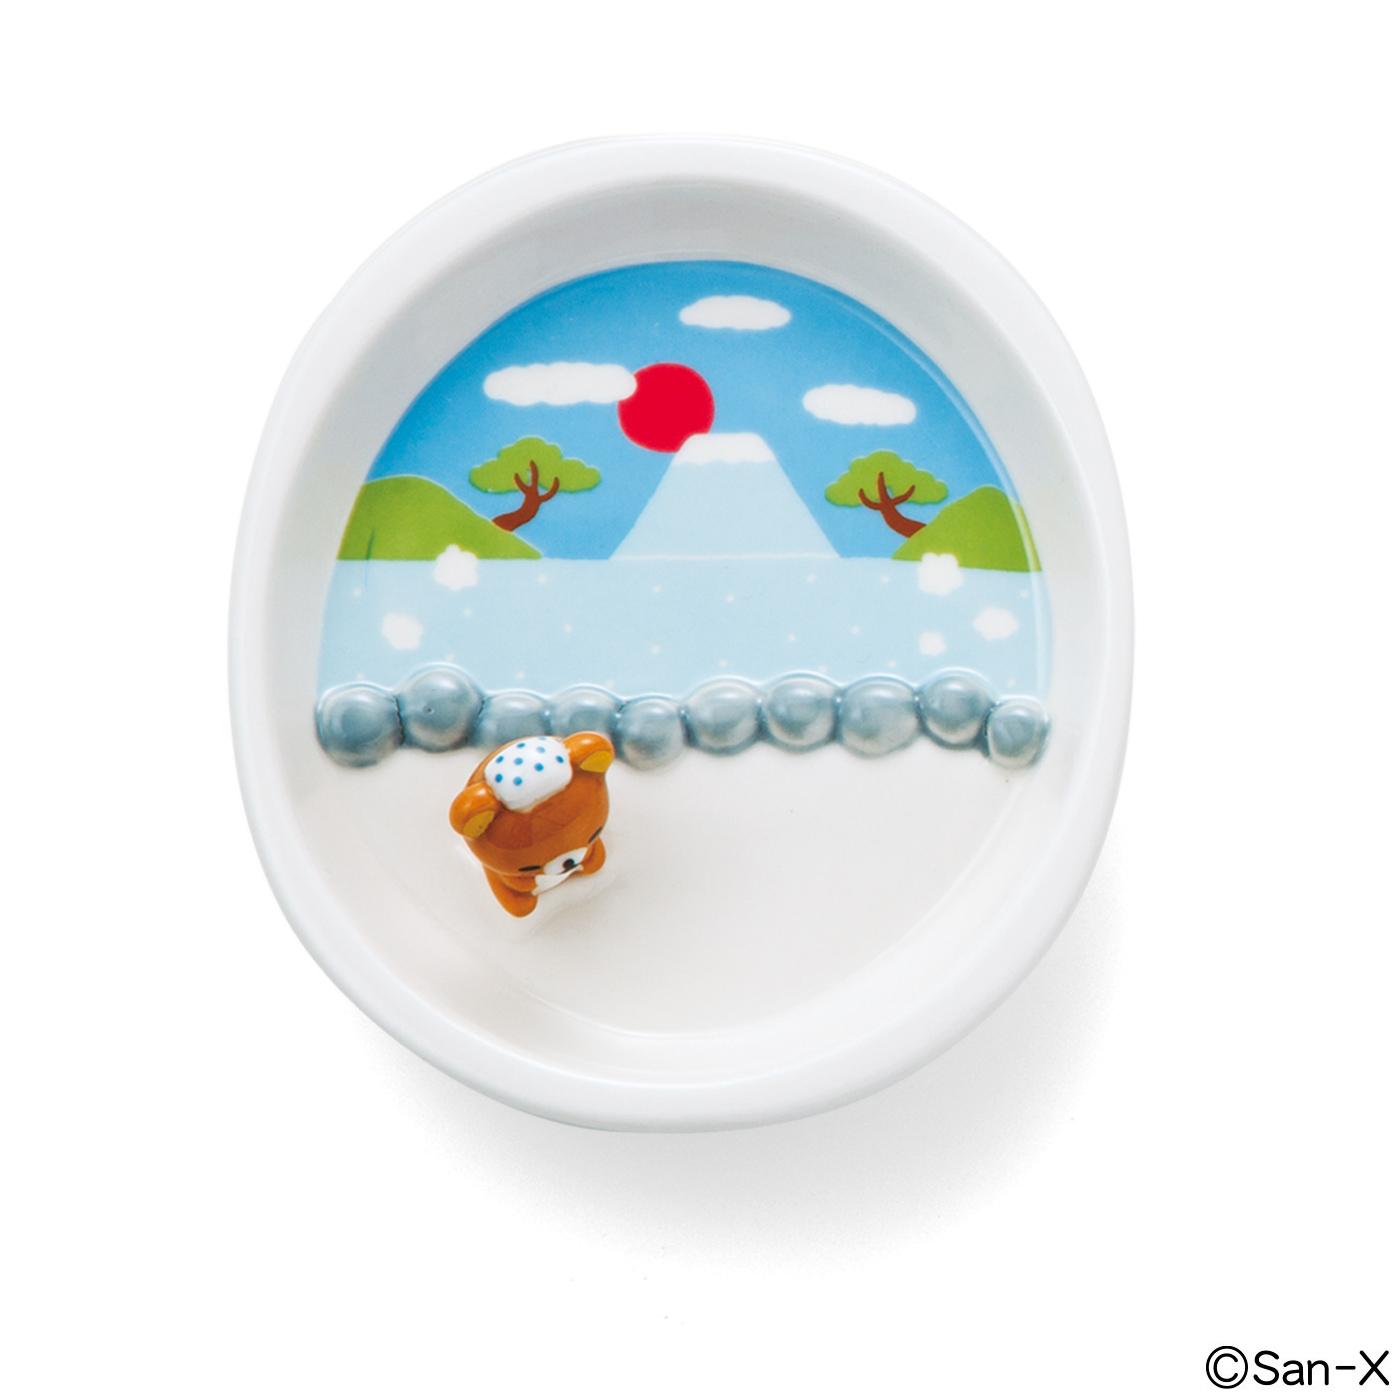 フェリシモ リラックマ お皿の上でだららん  リラックス気分のななめ底ミニプレートの会【定期便】